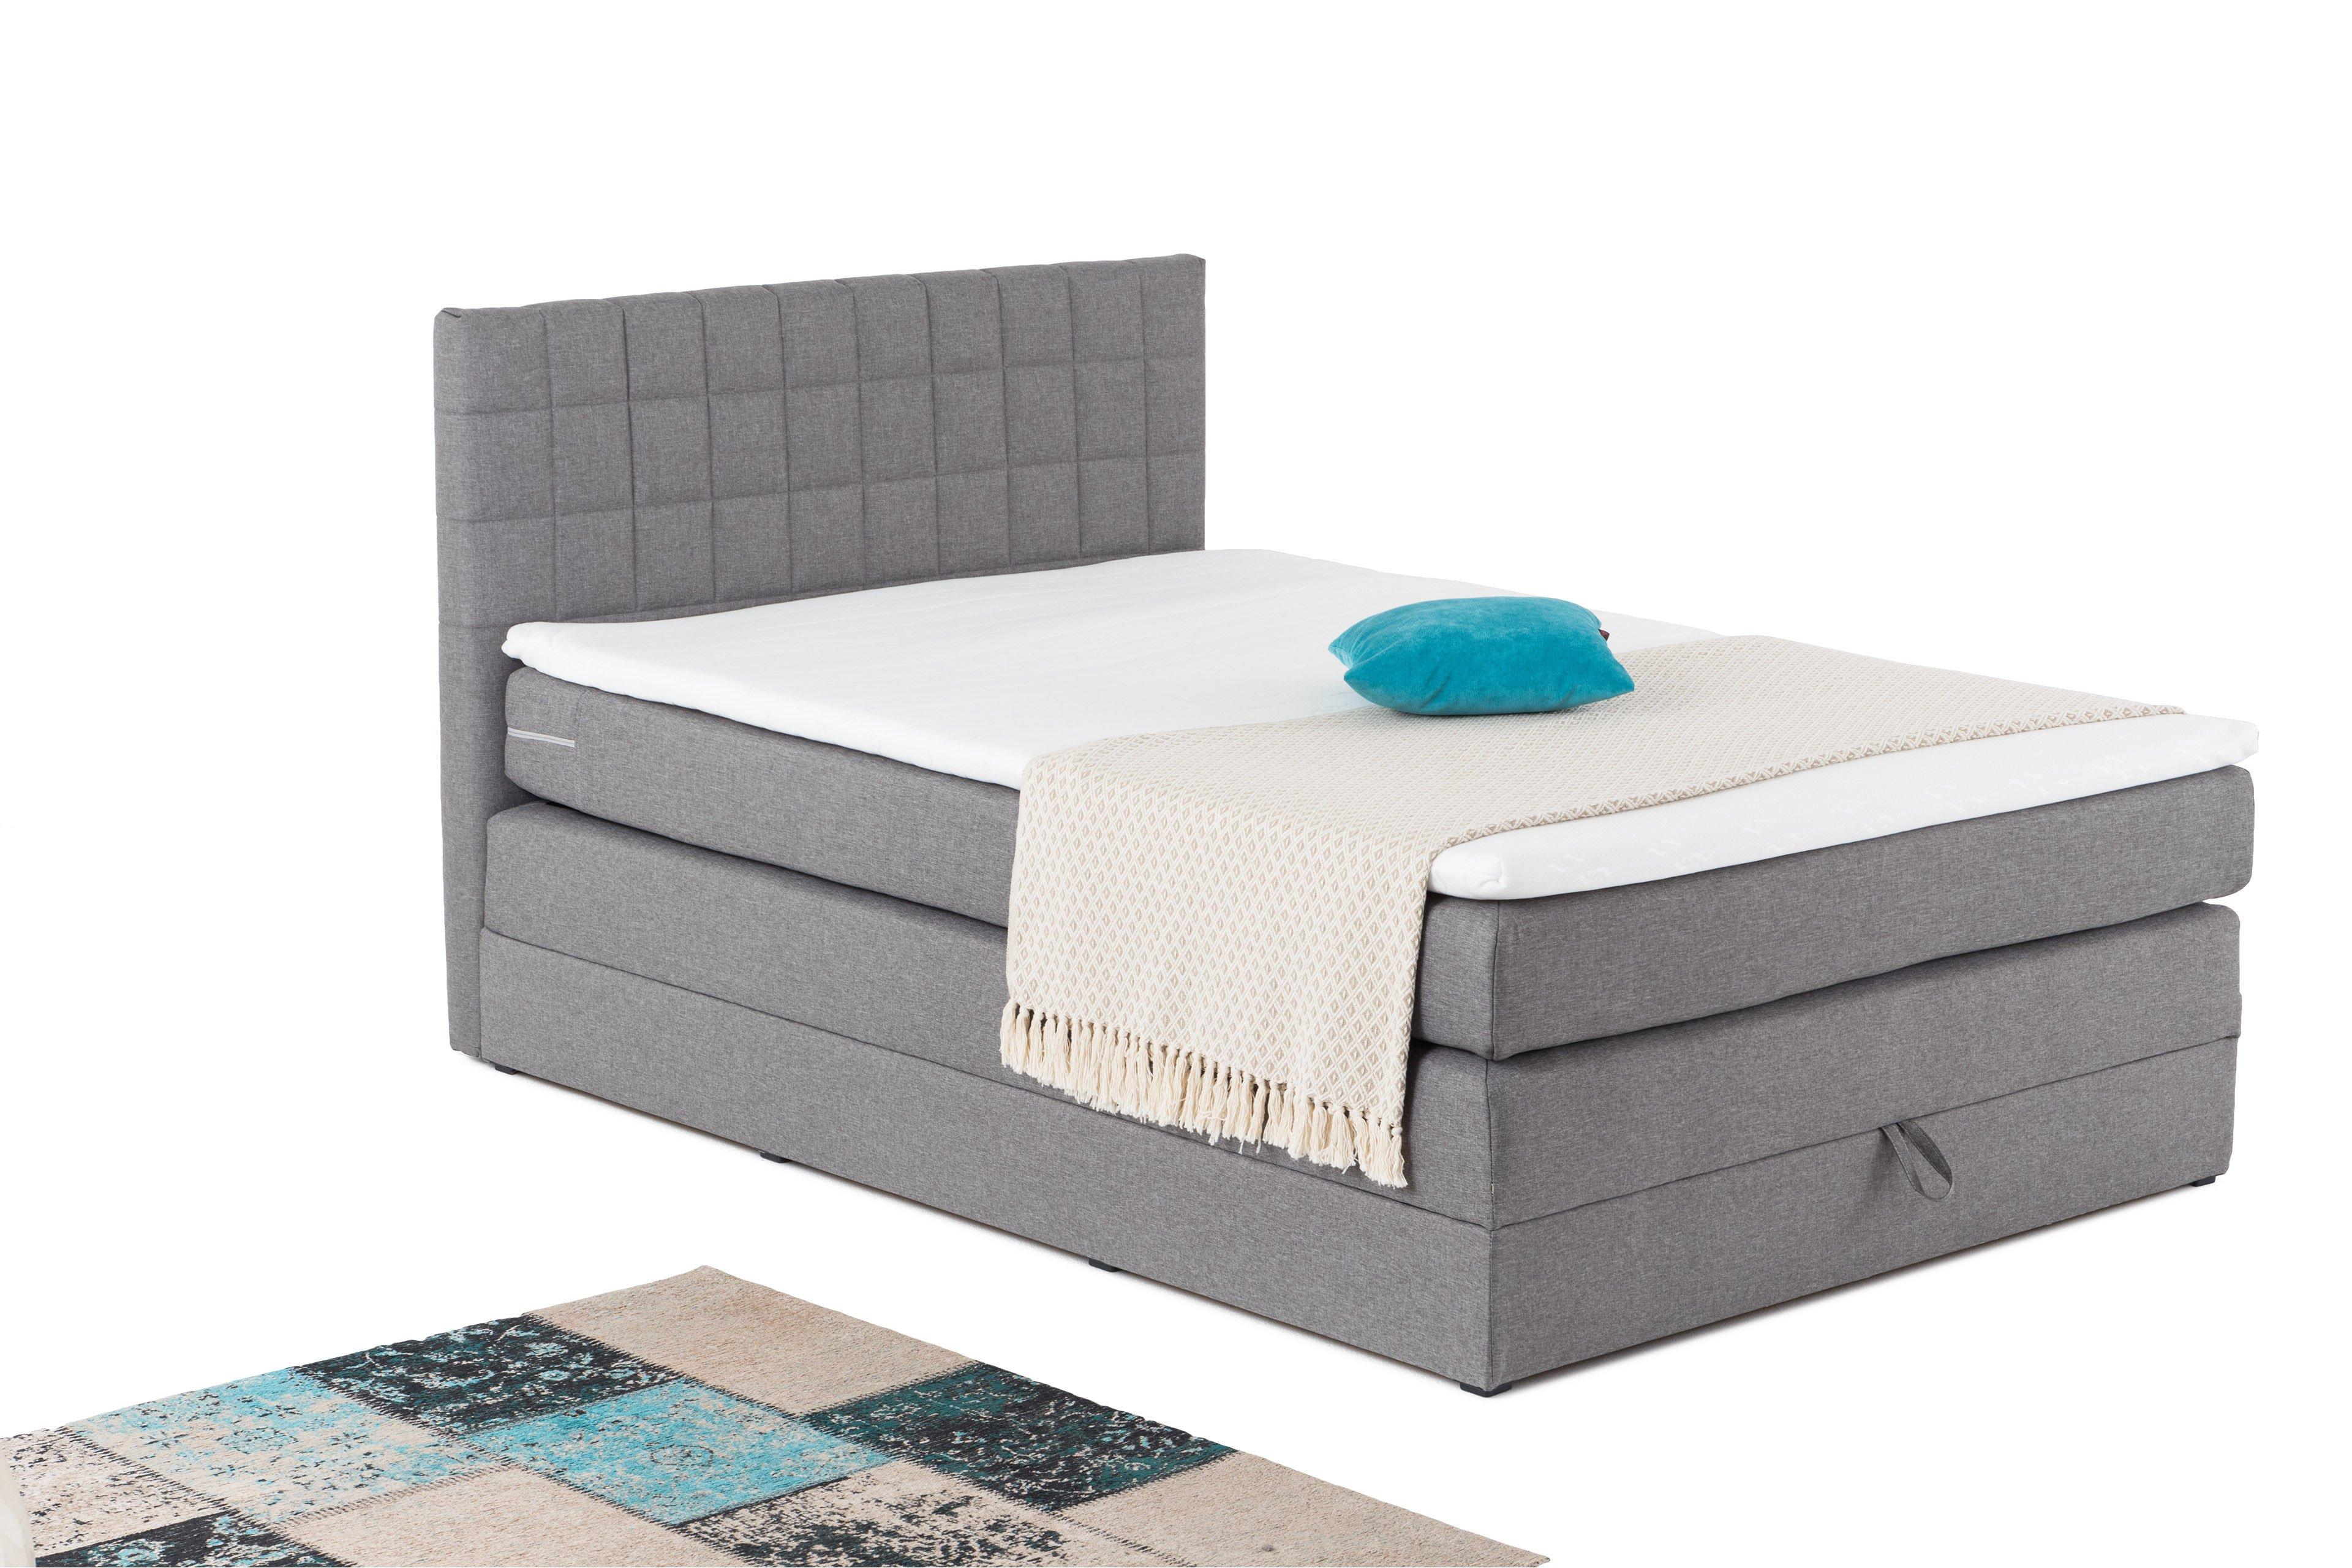 black red white boxspringbett hawaii in grau mit bettkasten m bel letz ihr online shop. Black Bedroom Furniture Sets. Home Design Ideas